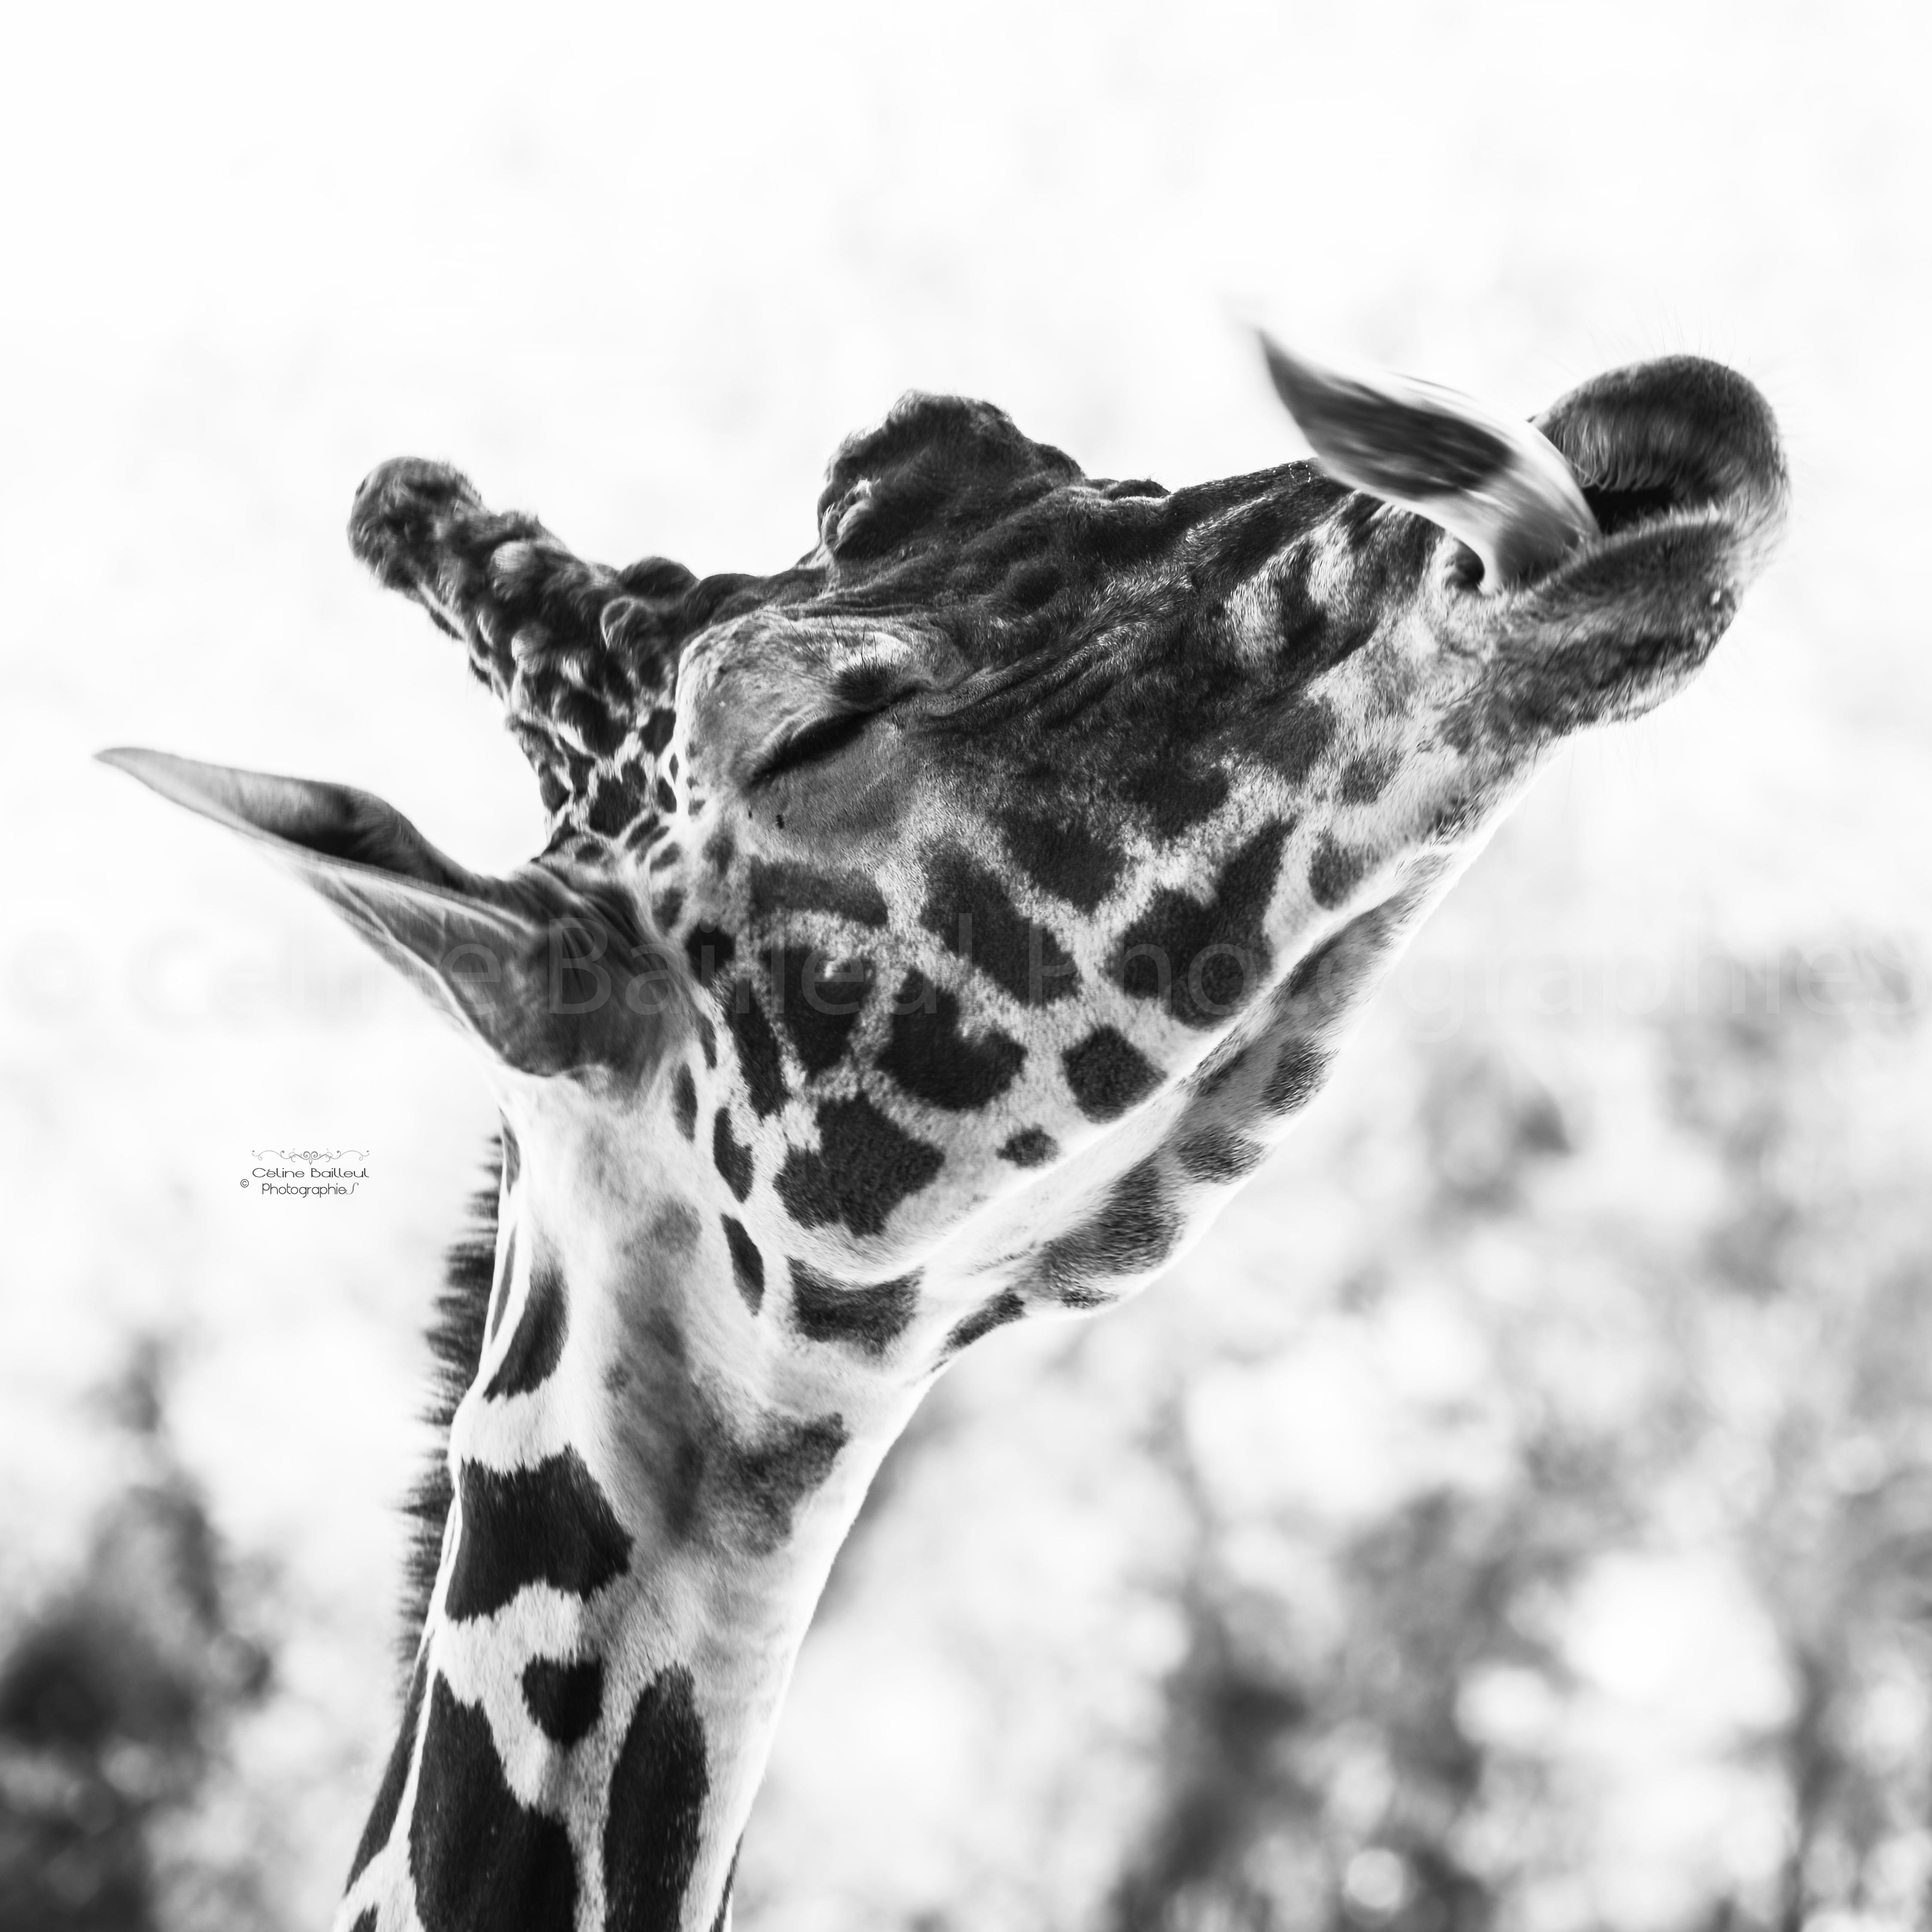 Girafe cb photographies bat 100X100BATOK